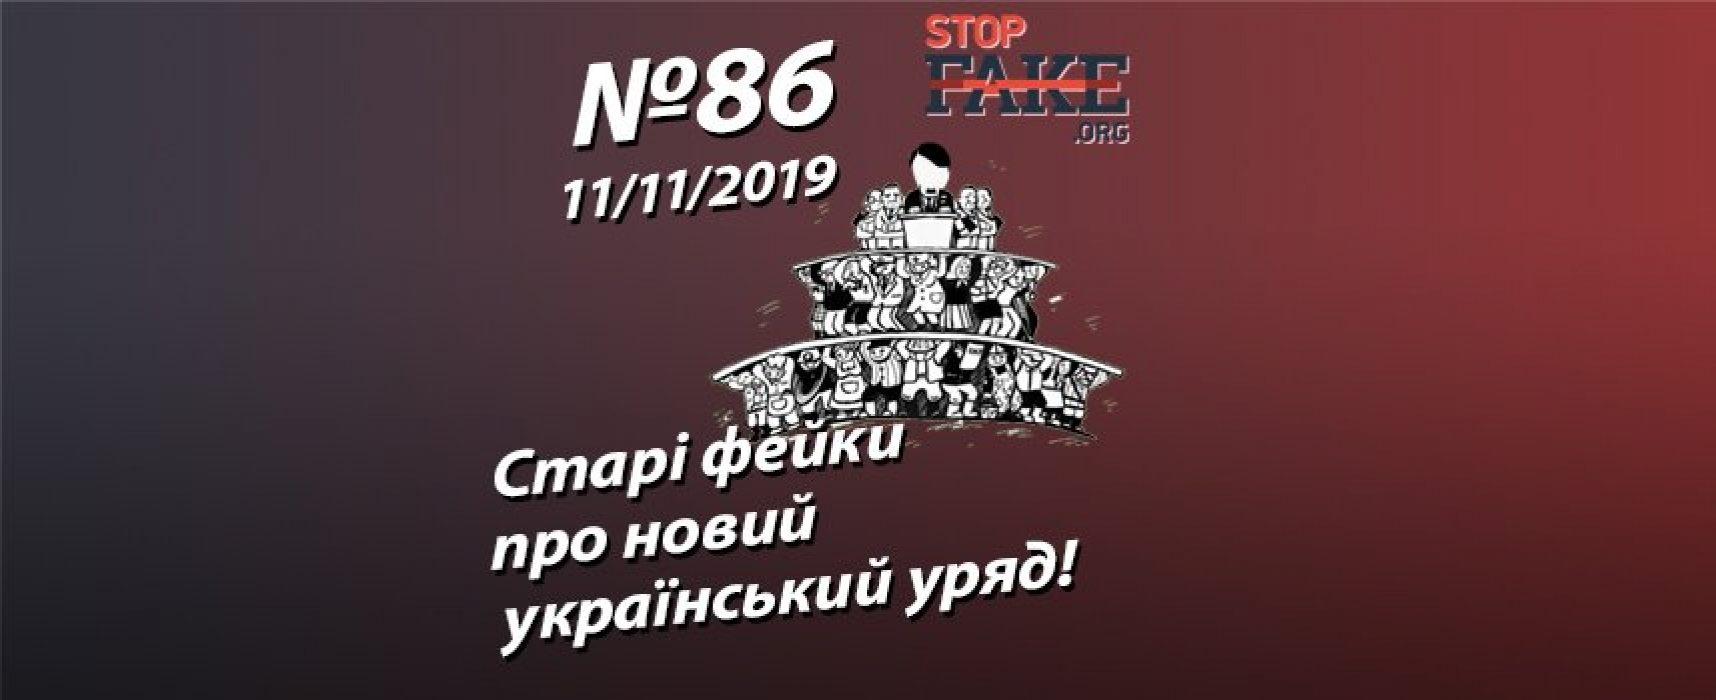 Старі фейки про новий український уряд! – StopFake.org